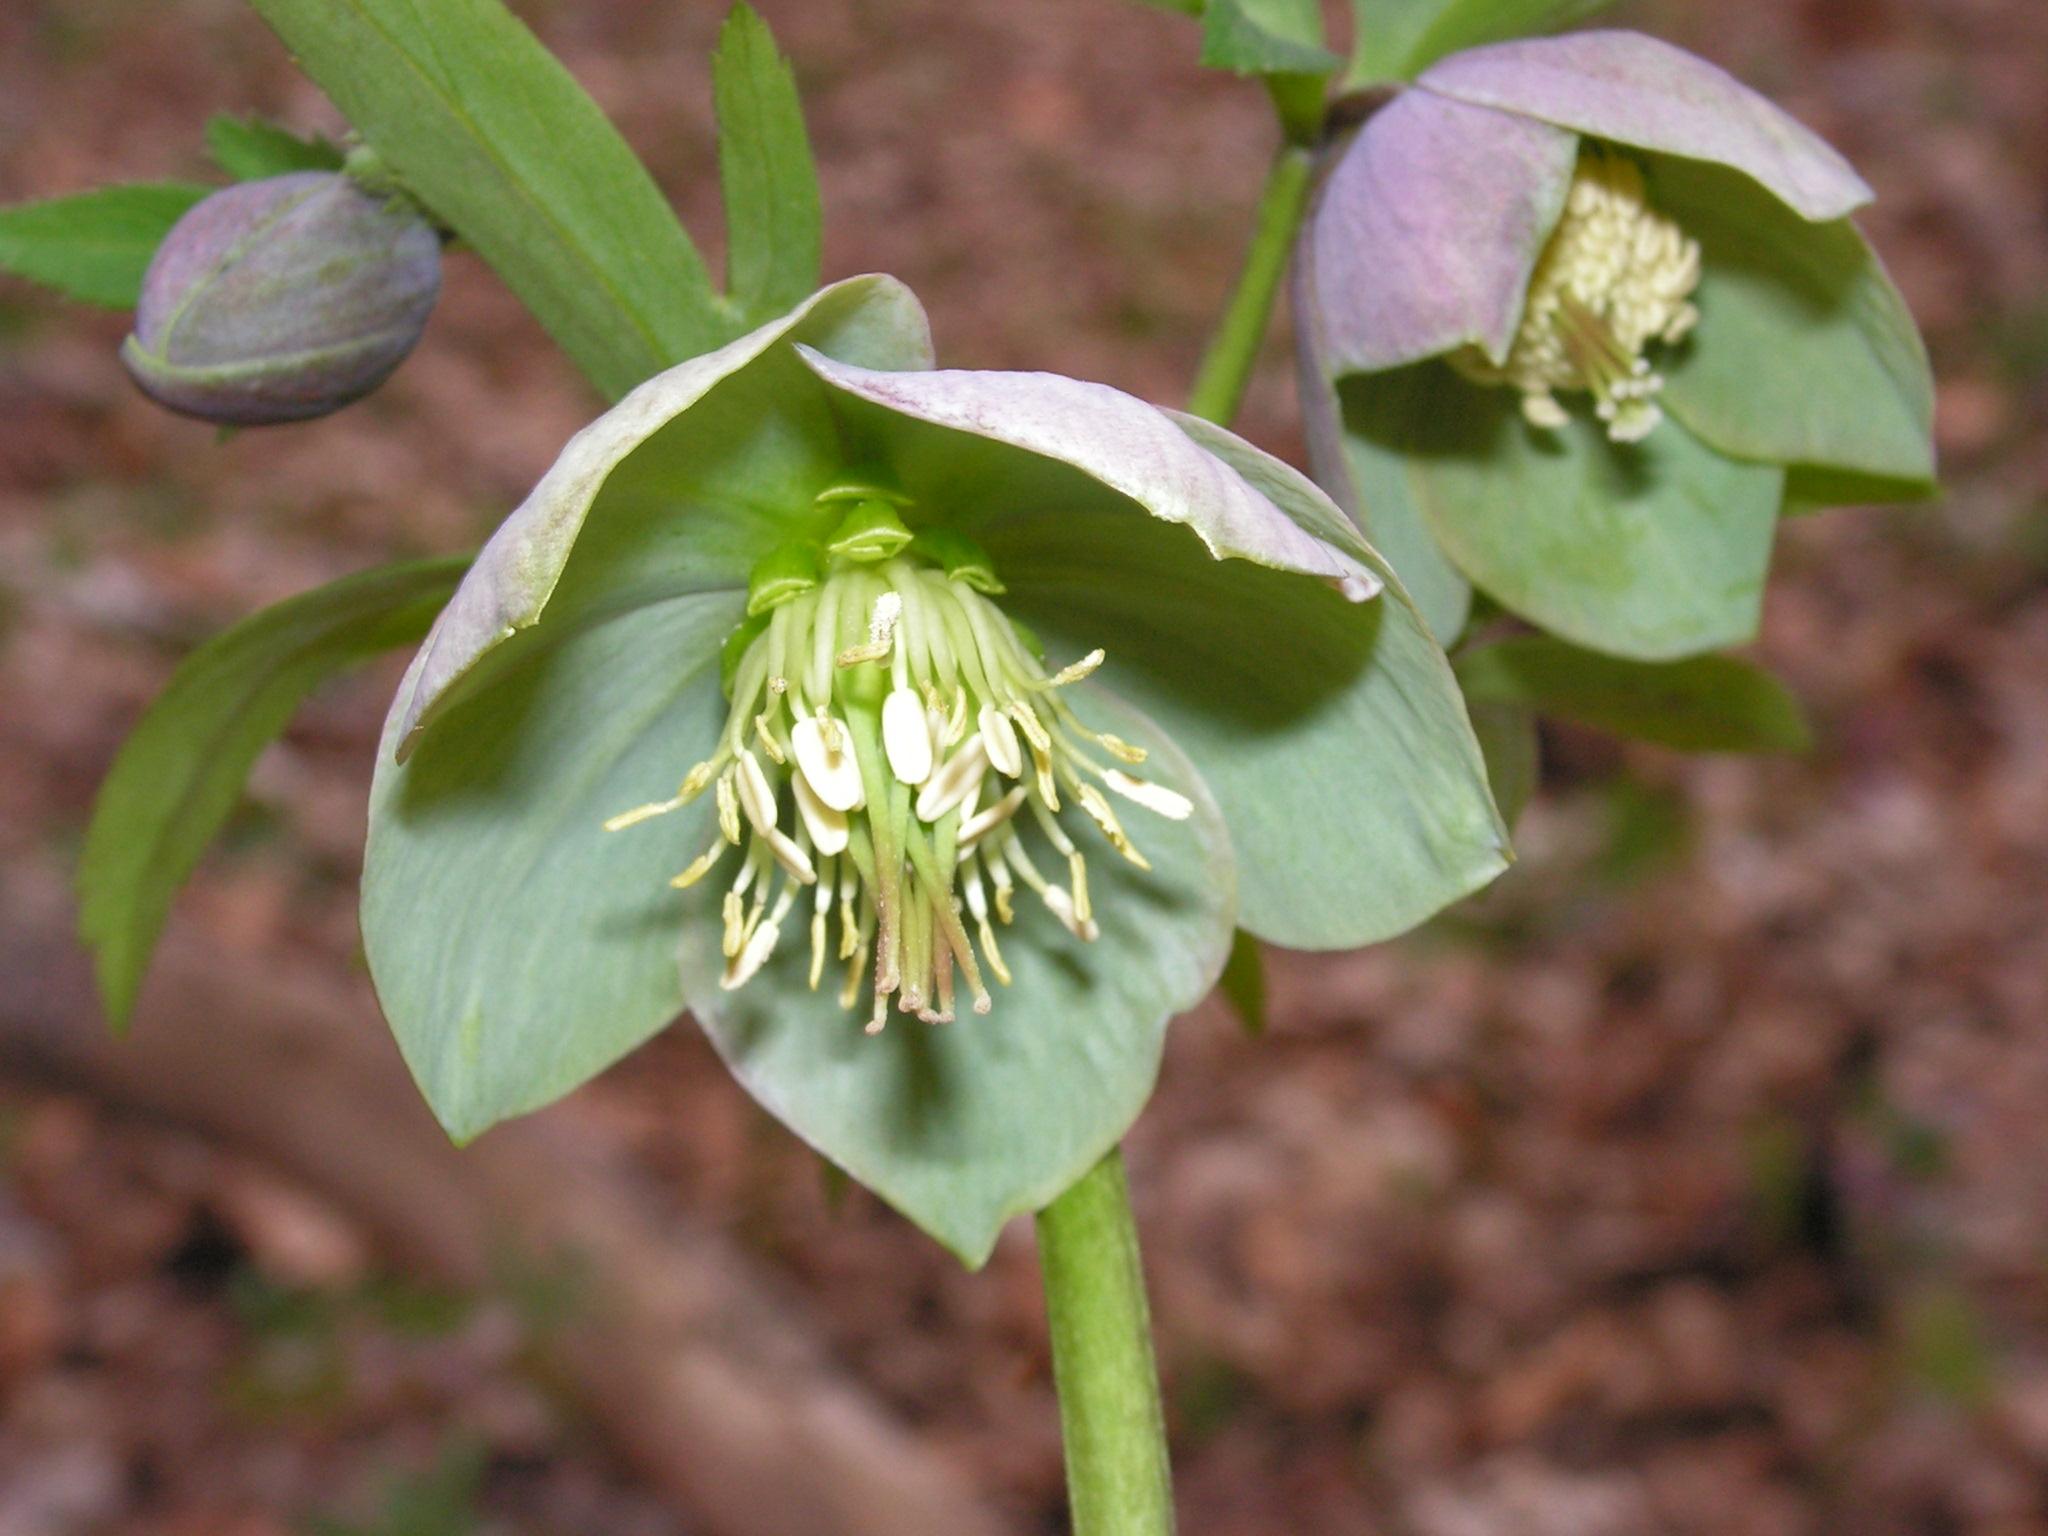 Čemerica purpurová (Helleroborus purprascens). Kvet zobrazený v logu NP Poloniny.